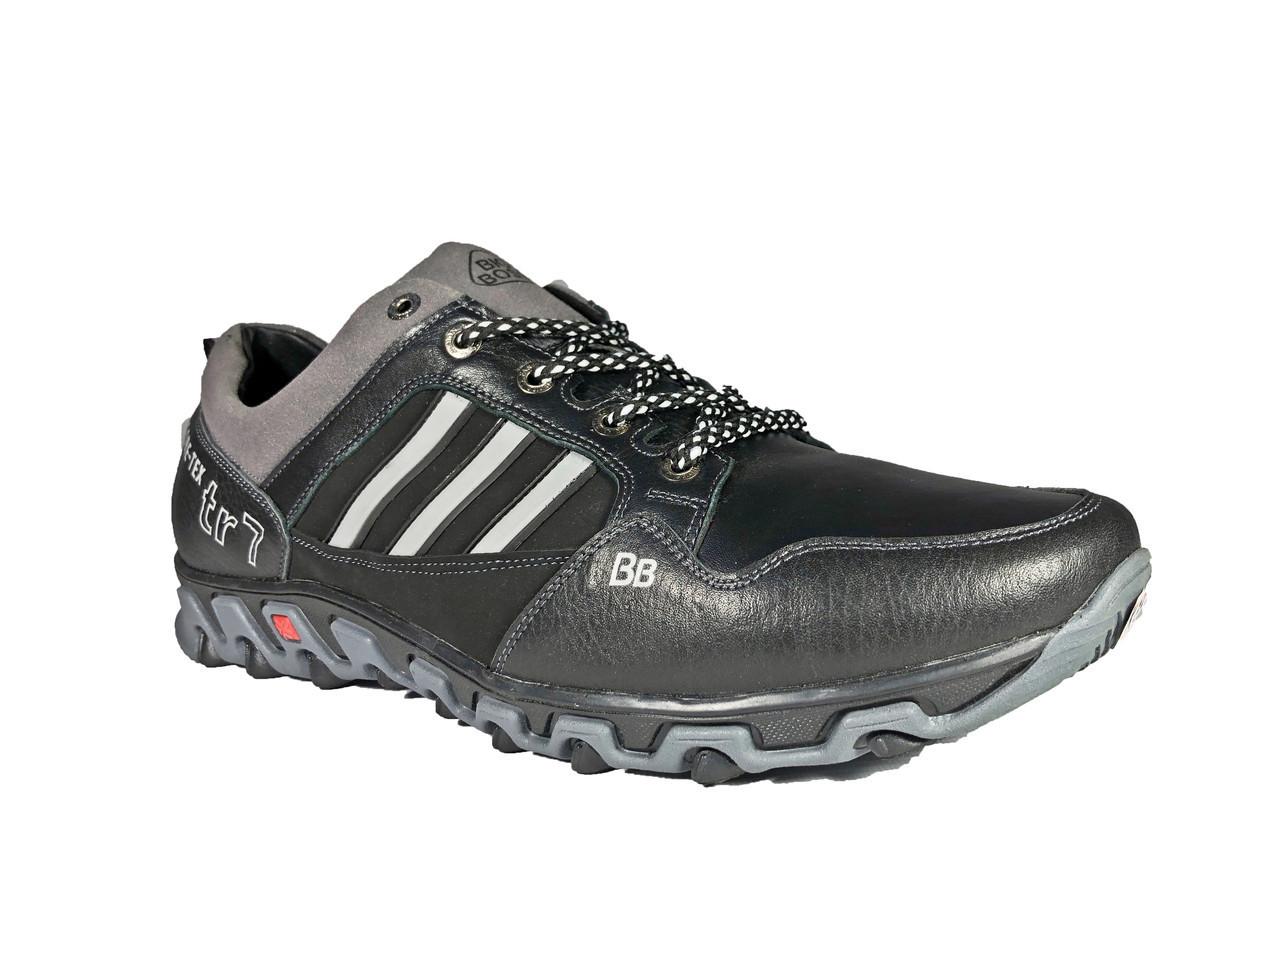 3706408d5 Кроссовки мужские 48 размера спортивные модель К-34 - BigBoss-производитель  мужской обуви 40